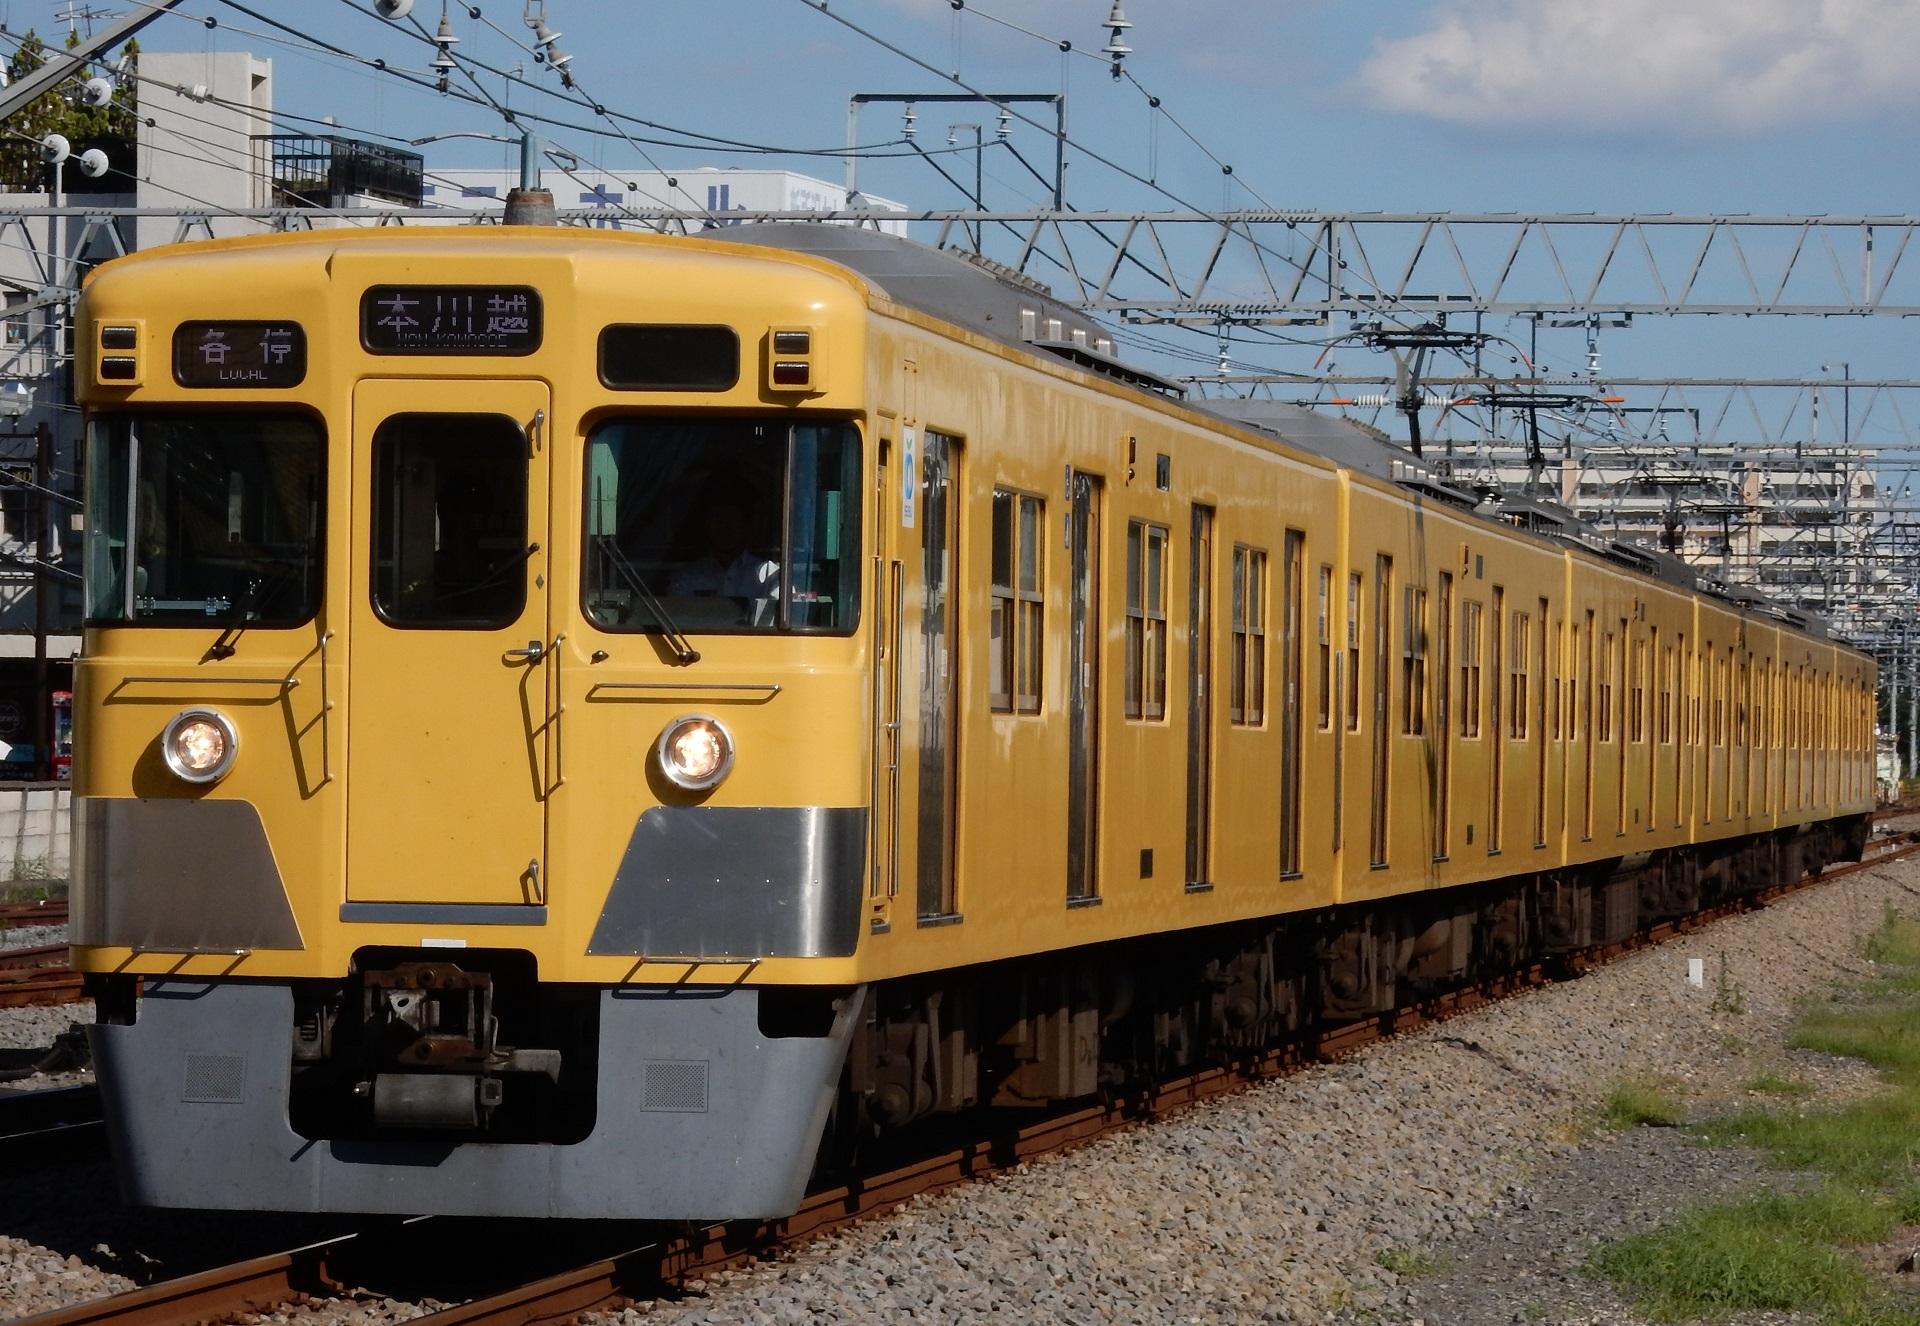 DSCN4204 - コピー